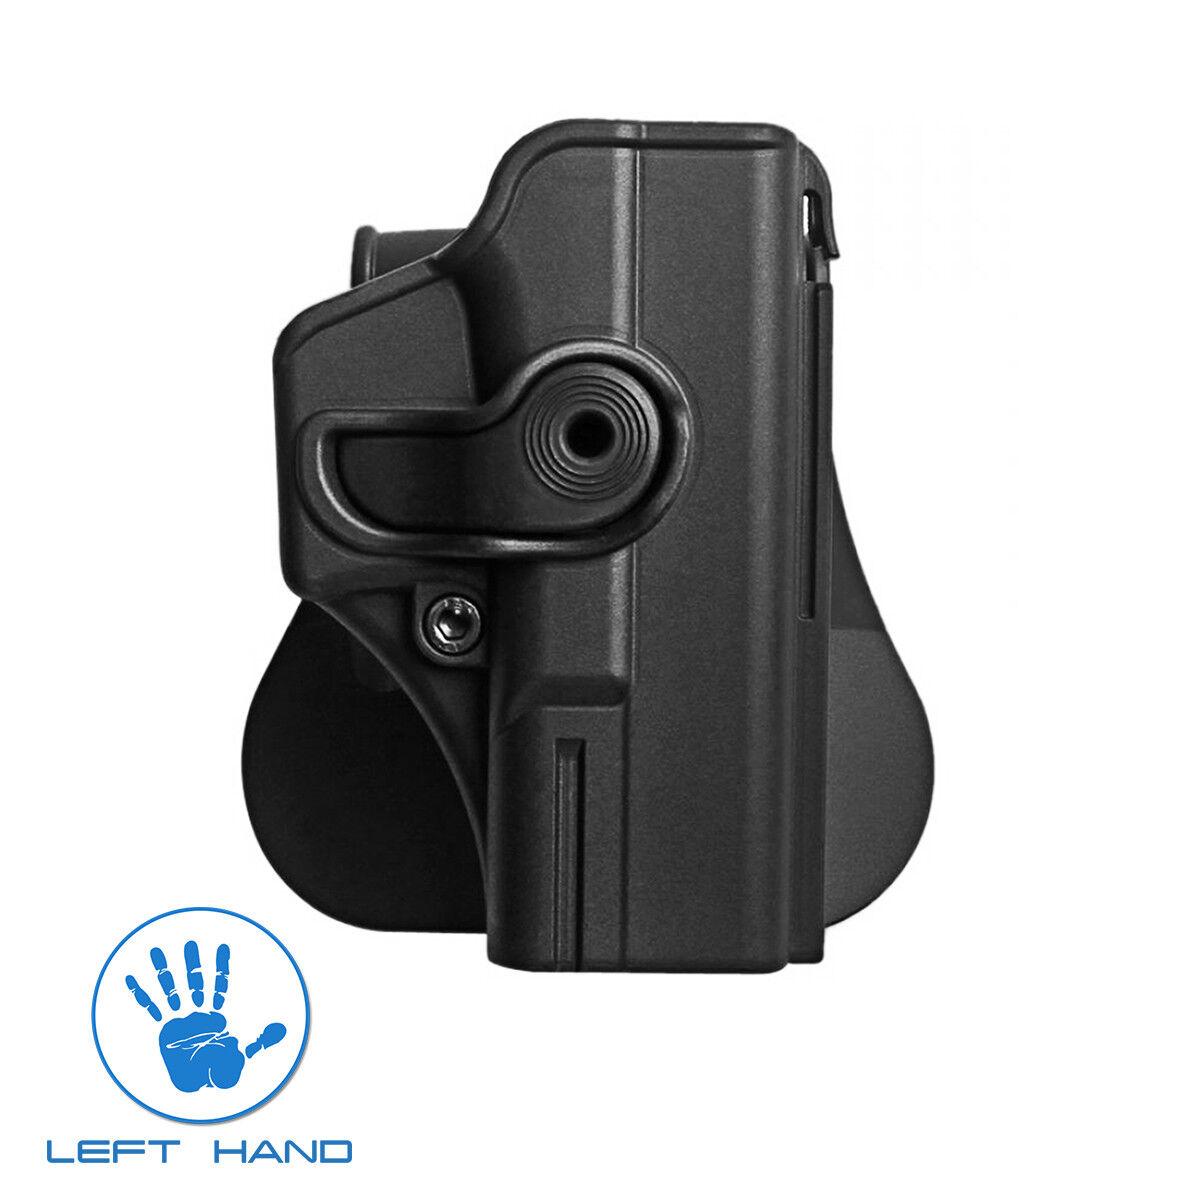 IMI Defense Remo Funda de mano izquierda 2 Level para CZ P-09, Shadow 2-IMI-Z1450 LH